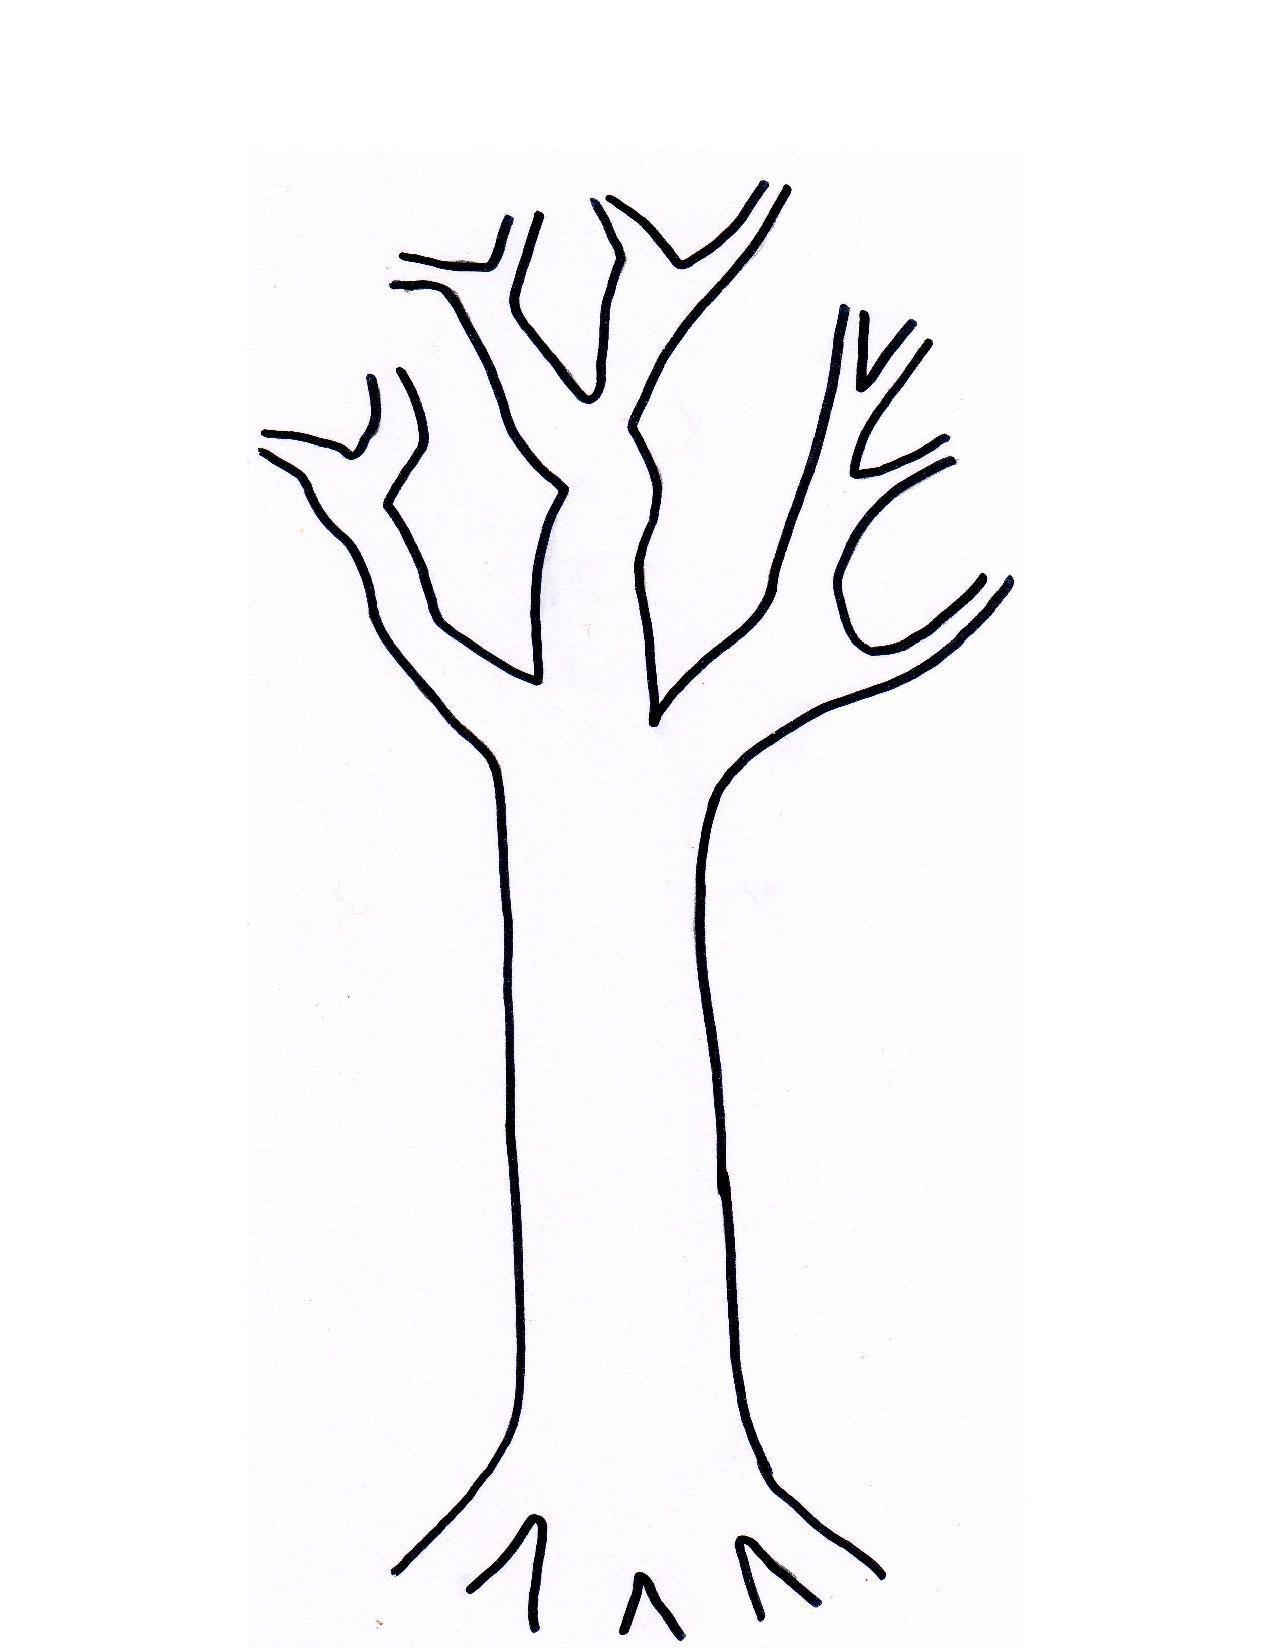 18 dessins de coloriage De Tronc D'arbre à imprimer